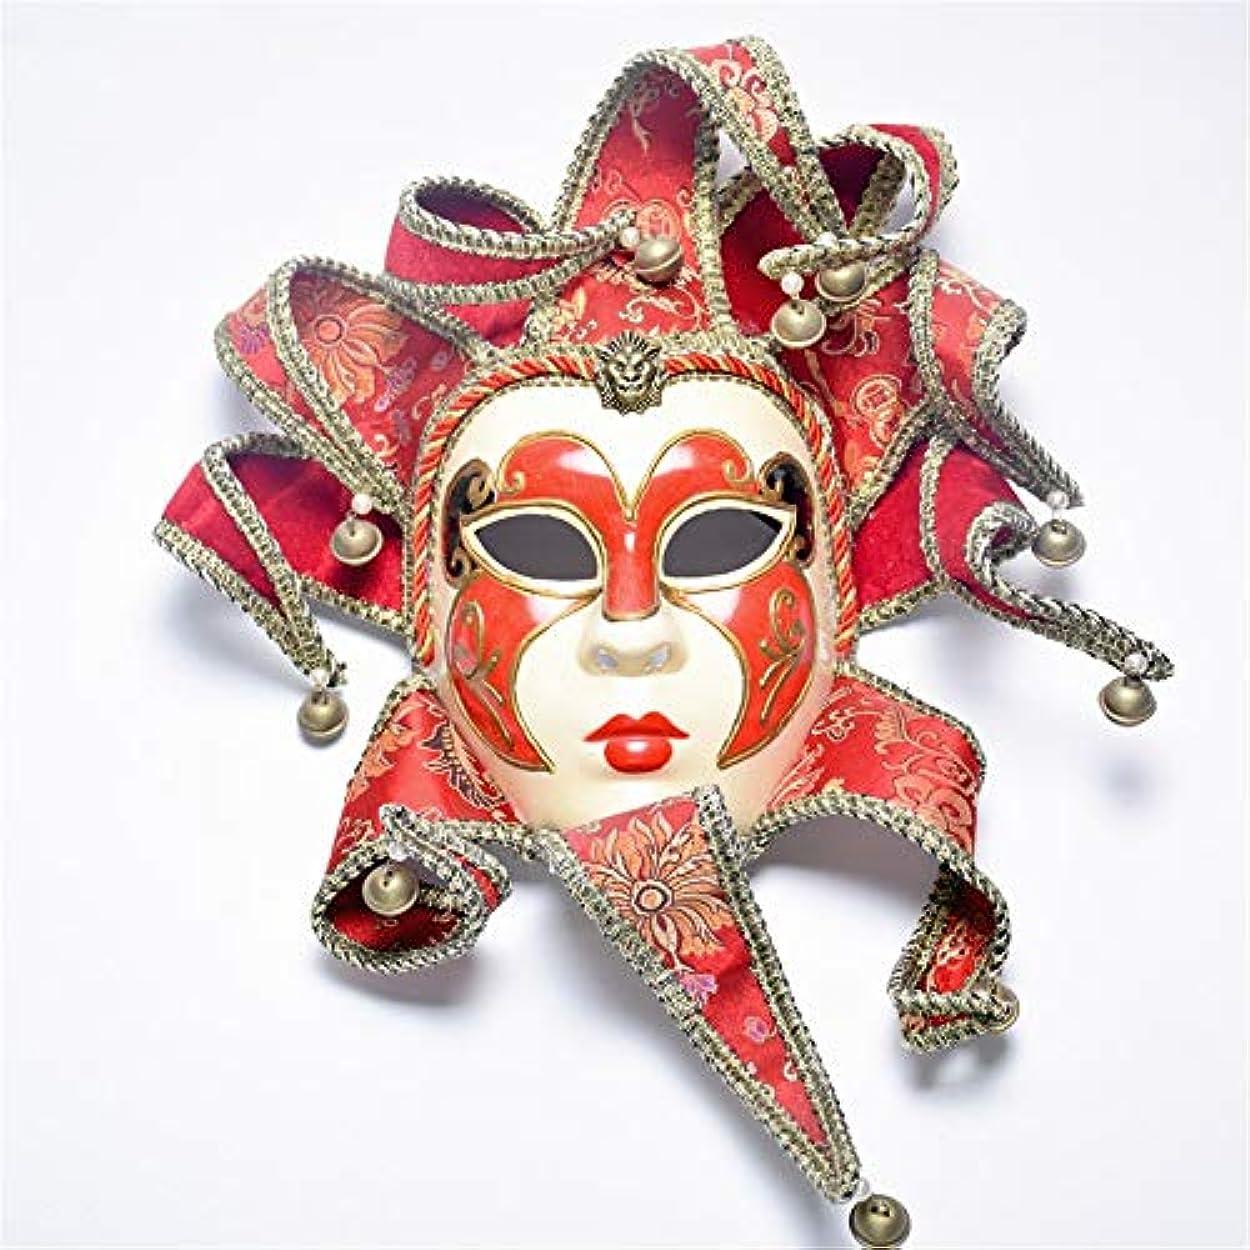 概要仲人馬力ダンスマスク フルフェイスマスク高級パーティーベルマスク女性マスククリスマスフェスティバルロールプレイングプラスチックマスク ホリデーパーティー用品 (色 : 赤, サイズ : 49x29cm)